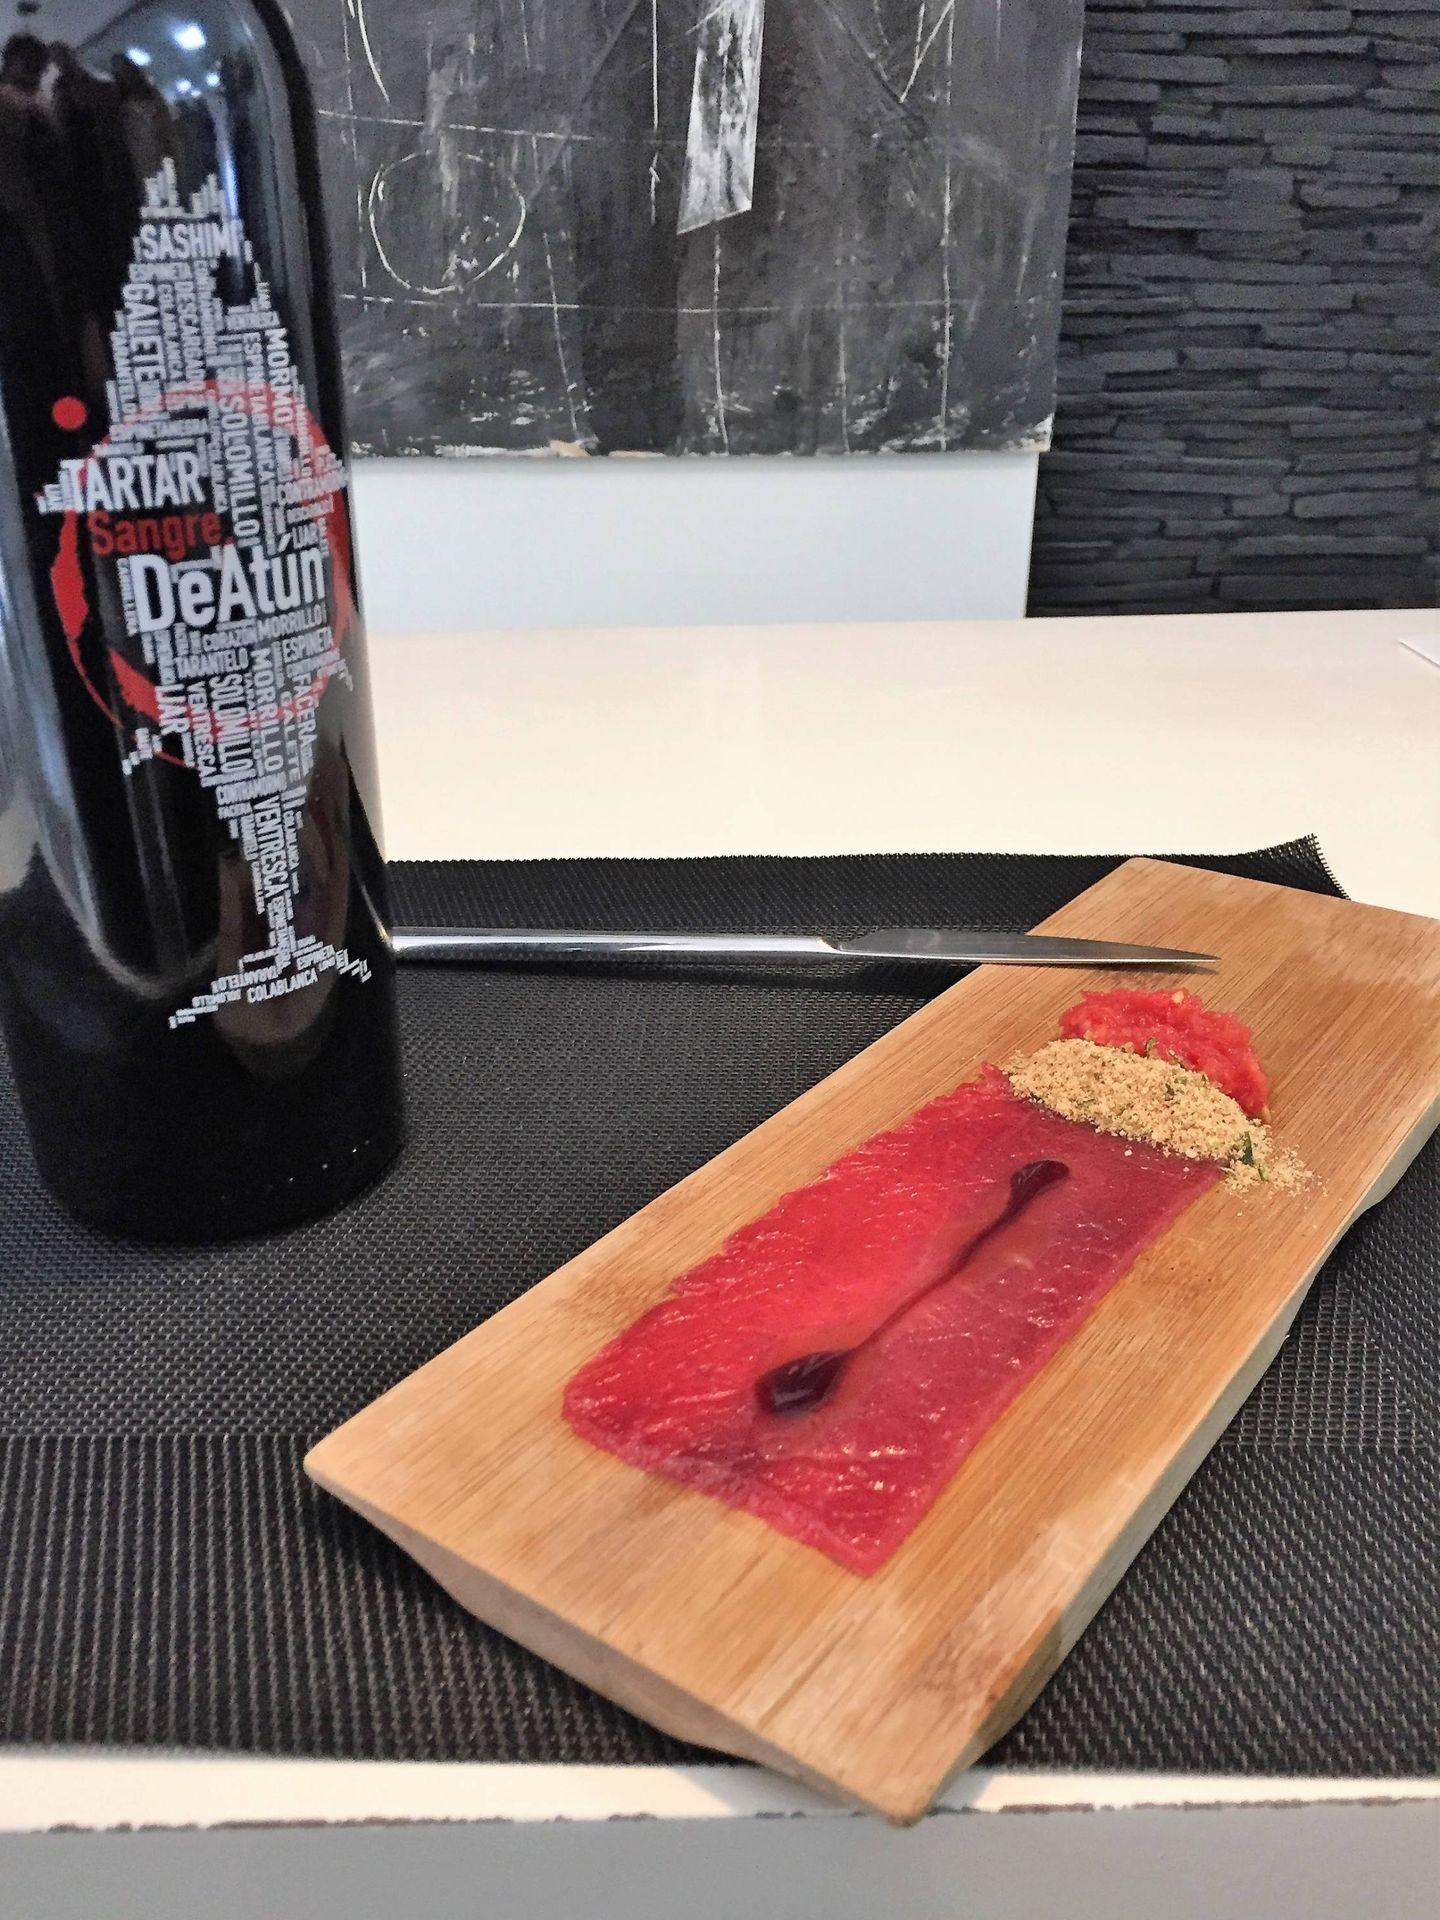 ¿El plan? Tomar tomatún y brindar con Sangre DeAtún.